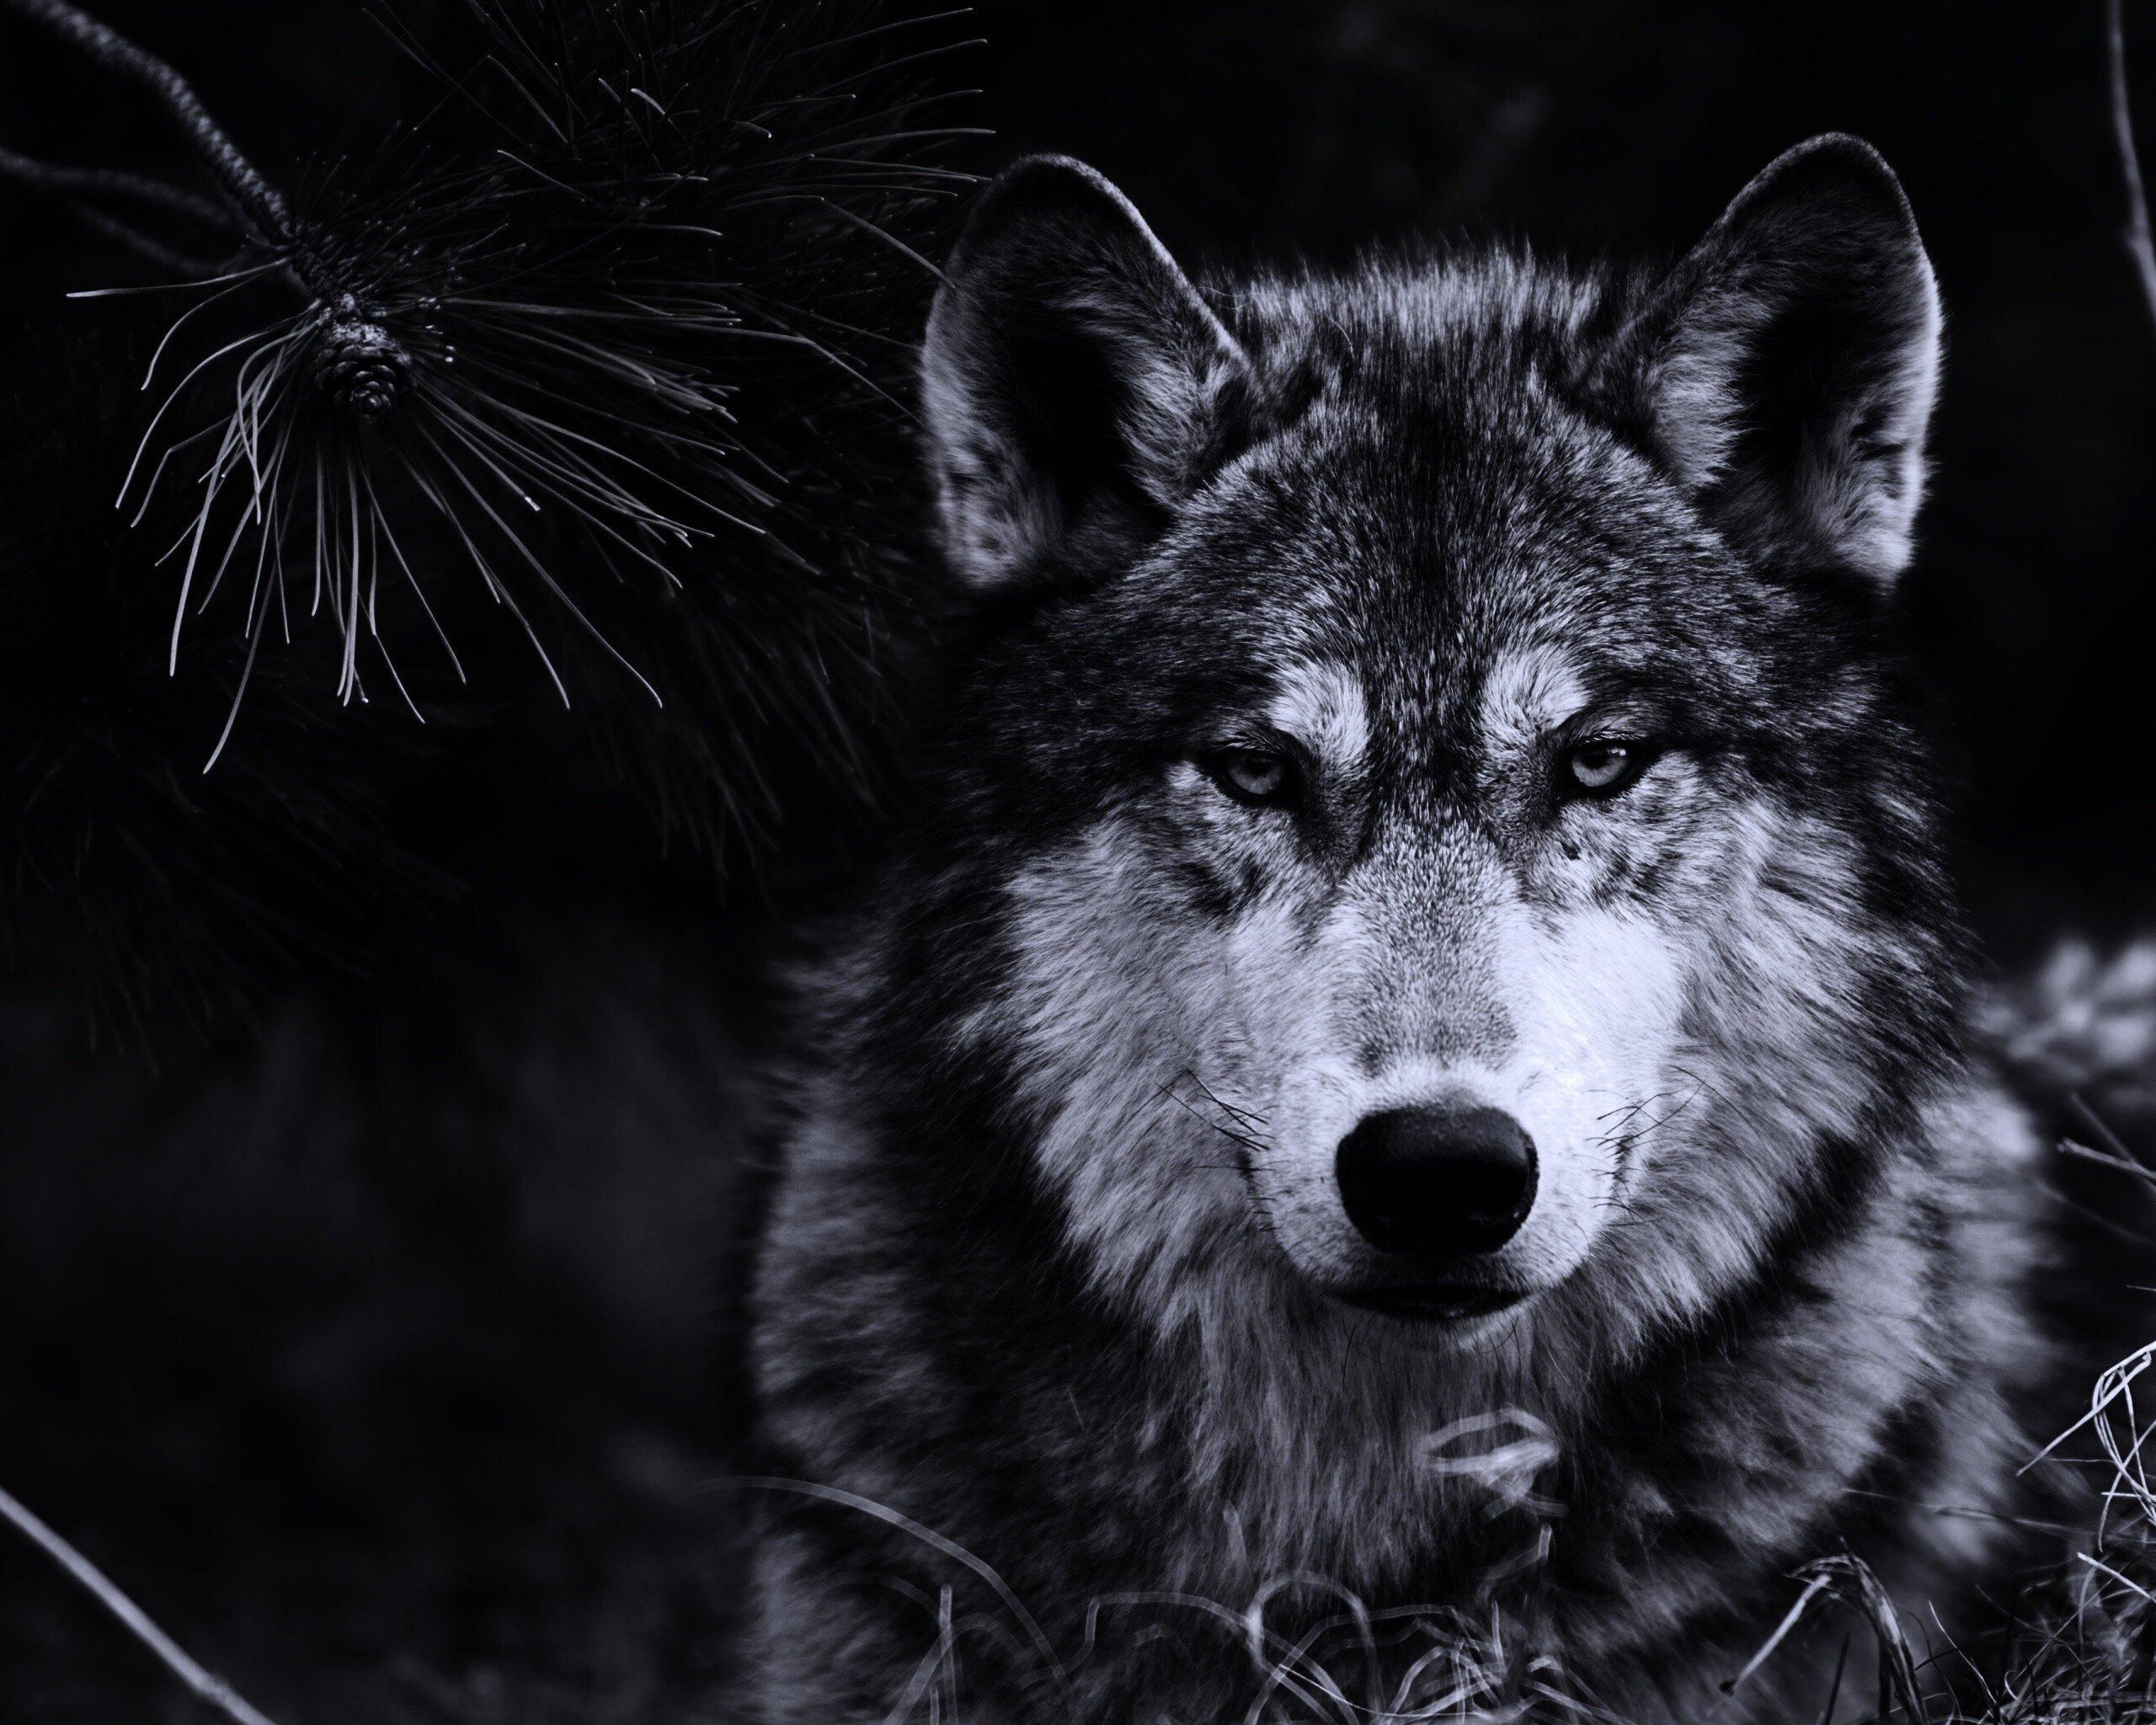 картинки большое разрешение волк центр одних